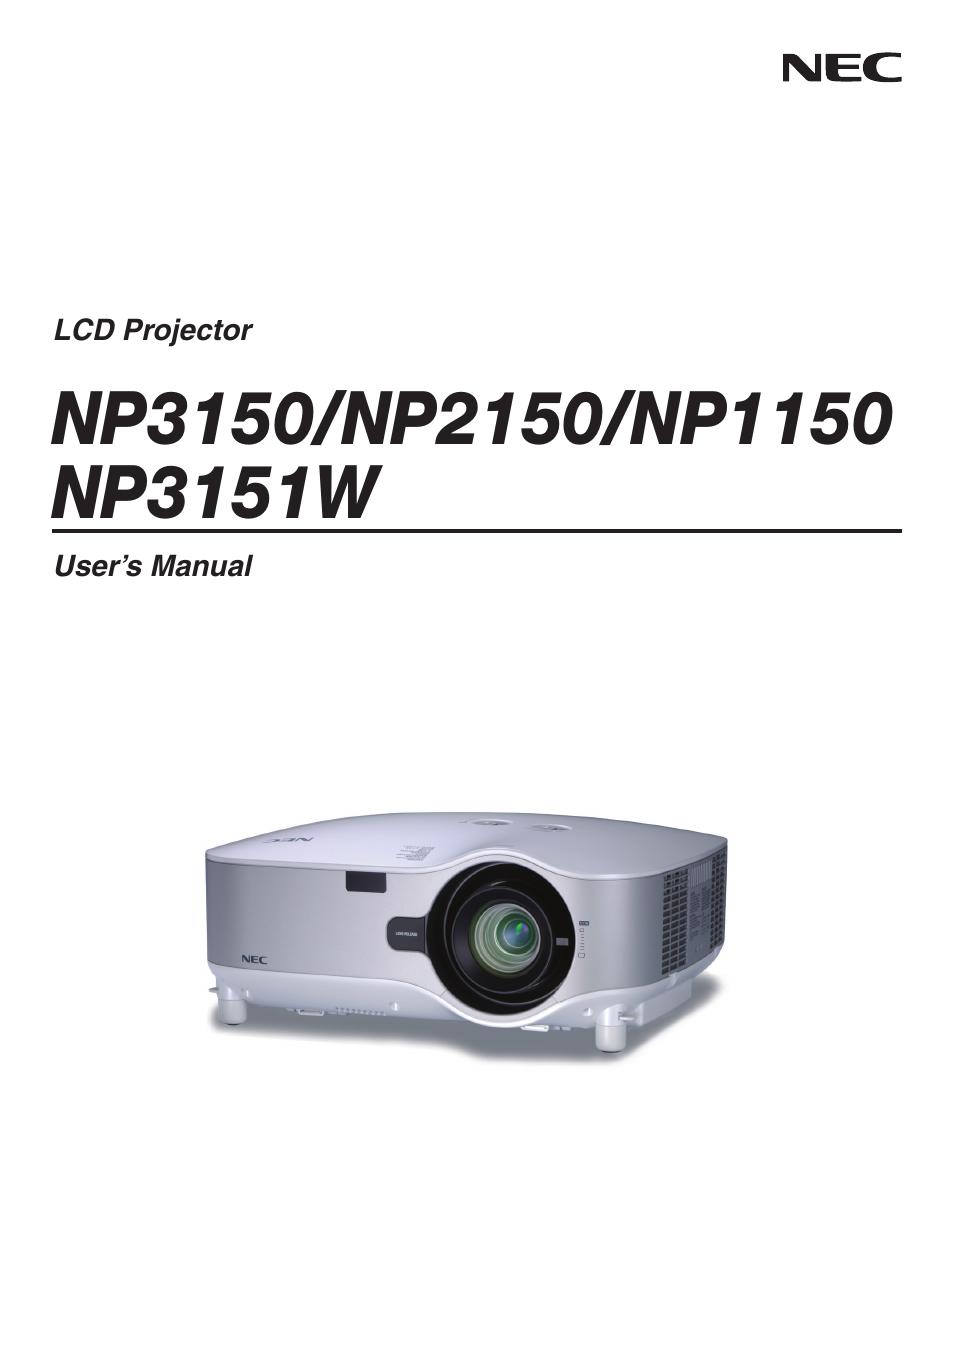 nec np3151w user manual 172 pages rh manualsdir com NEC Projectors Troubleshooting NEC LT380 Projector Manual PDF